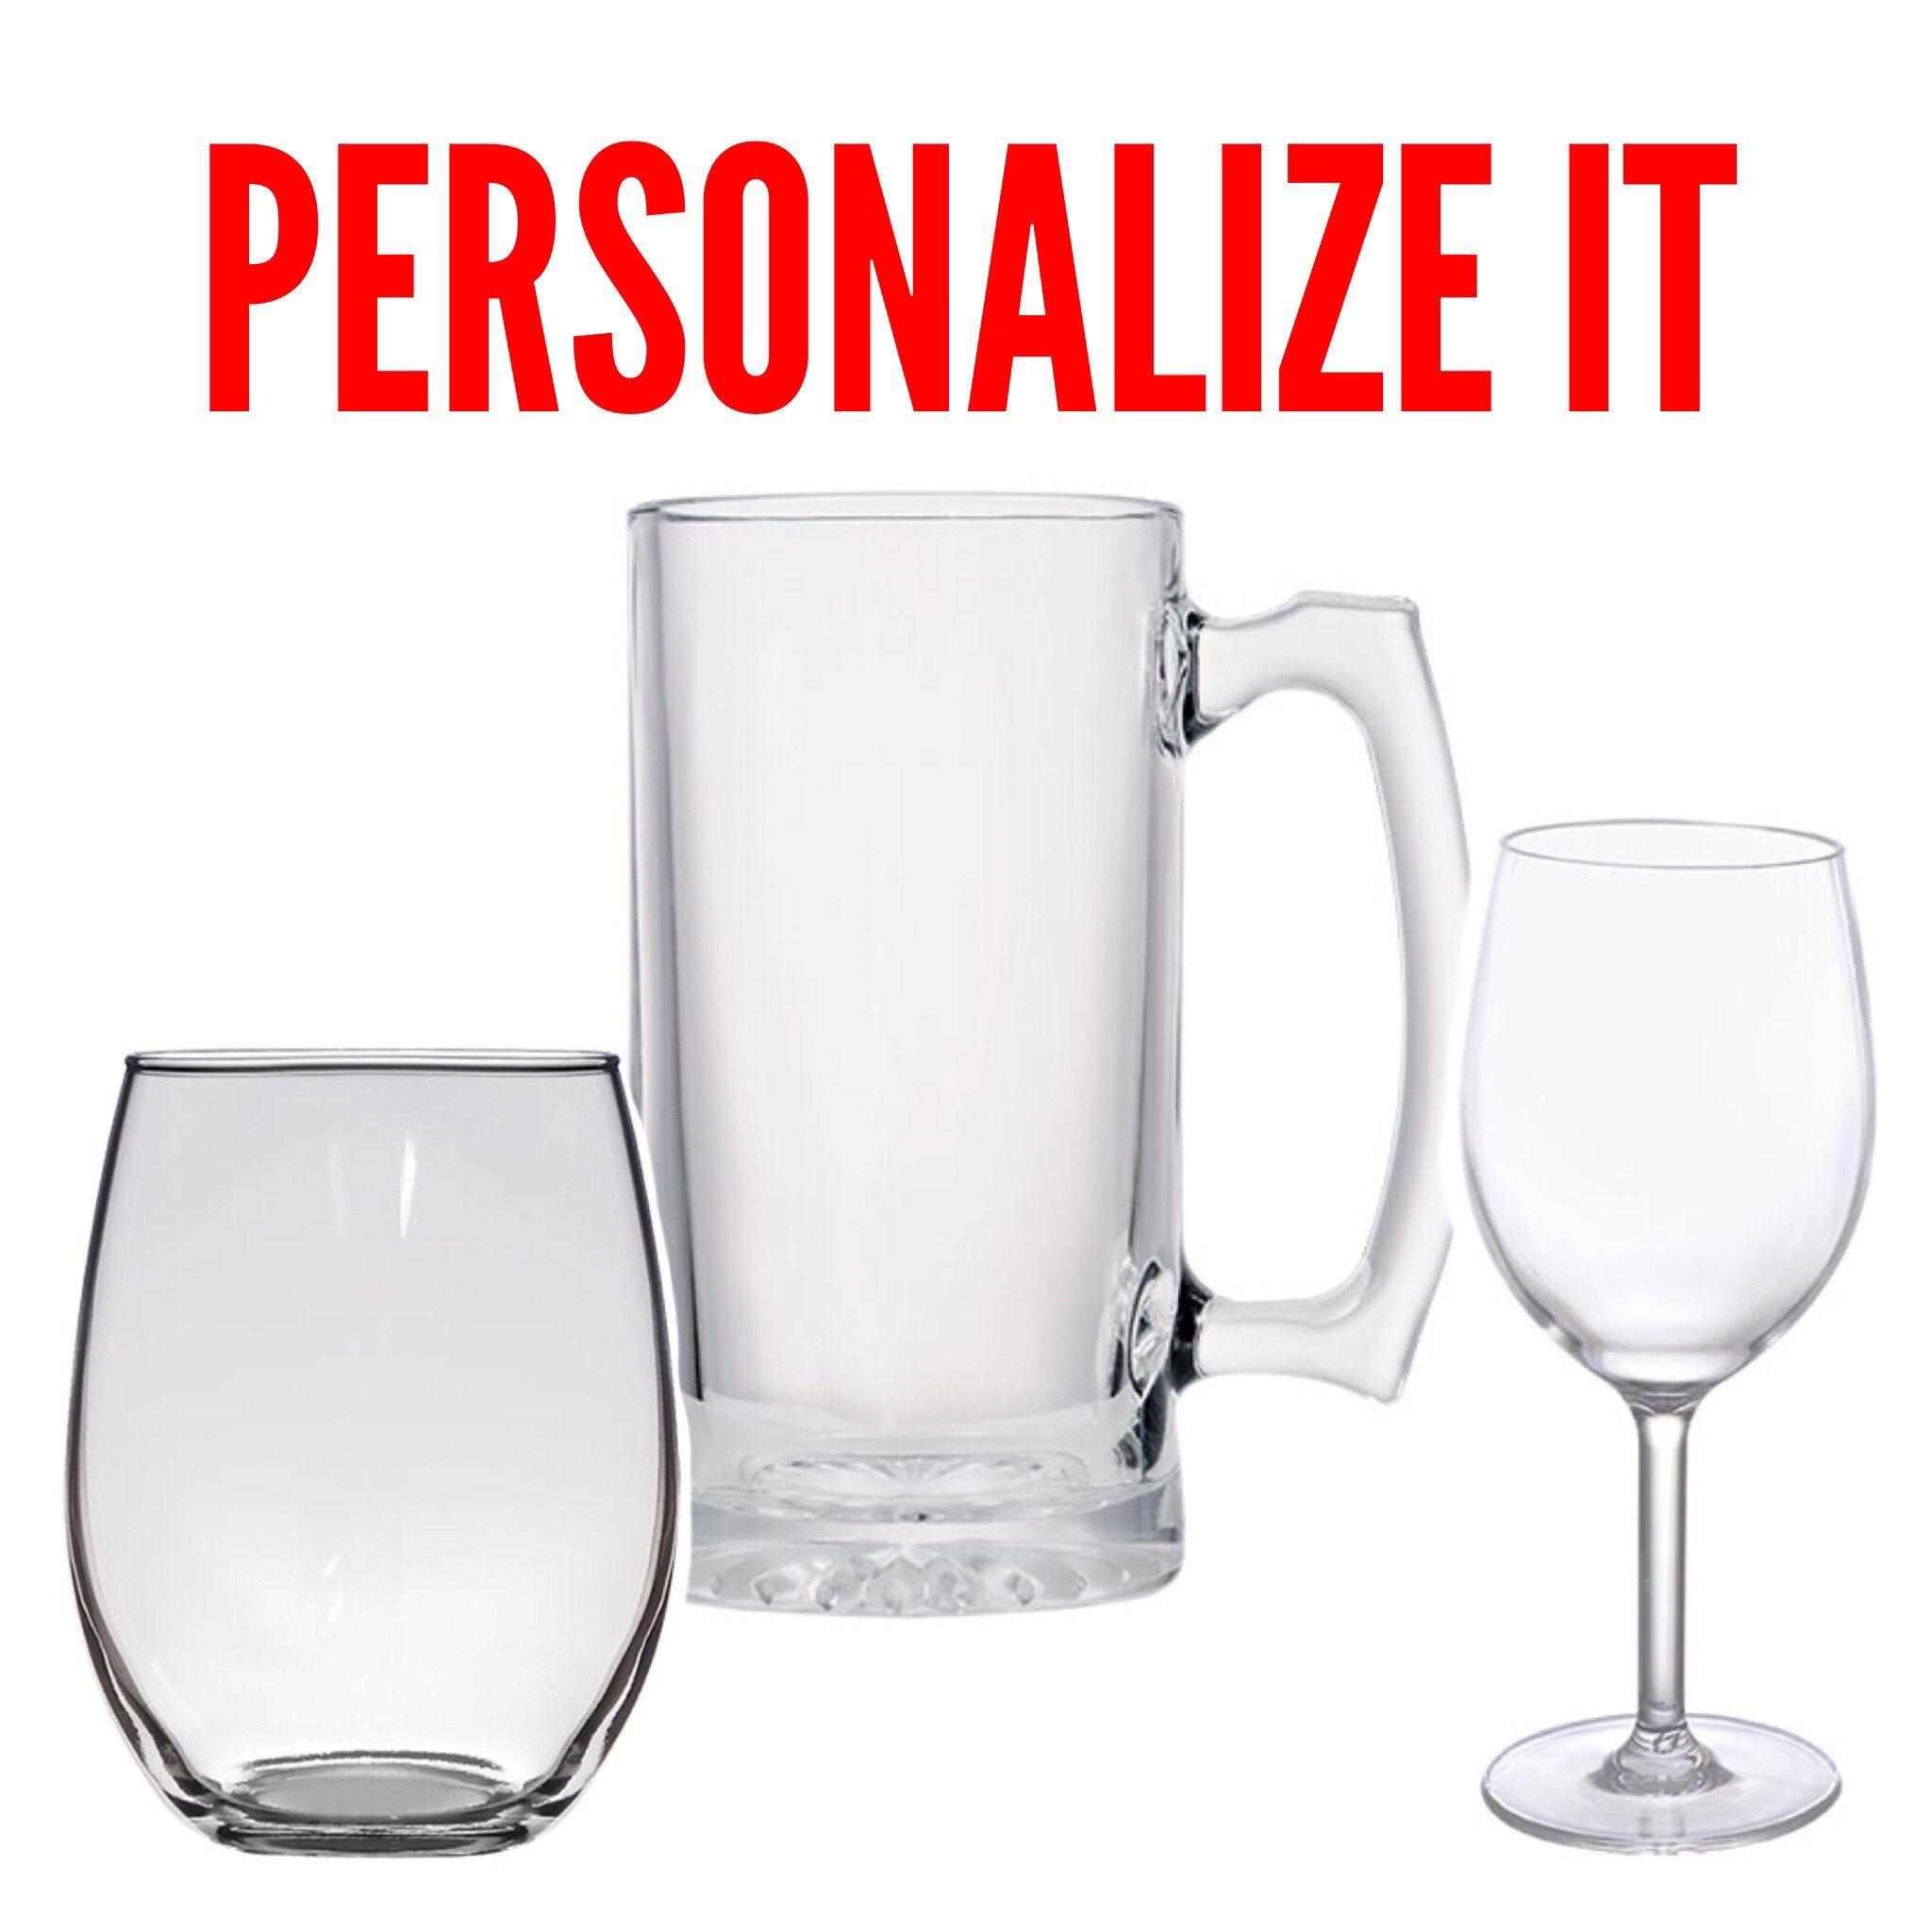 wine glass personalized wine glass wedding glass 21st birthday